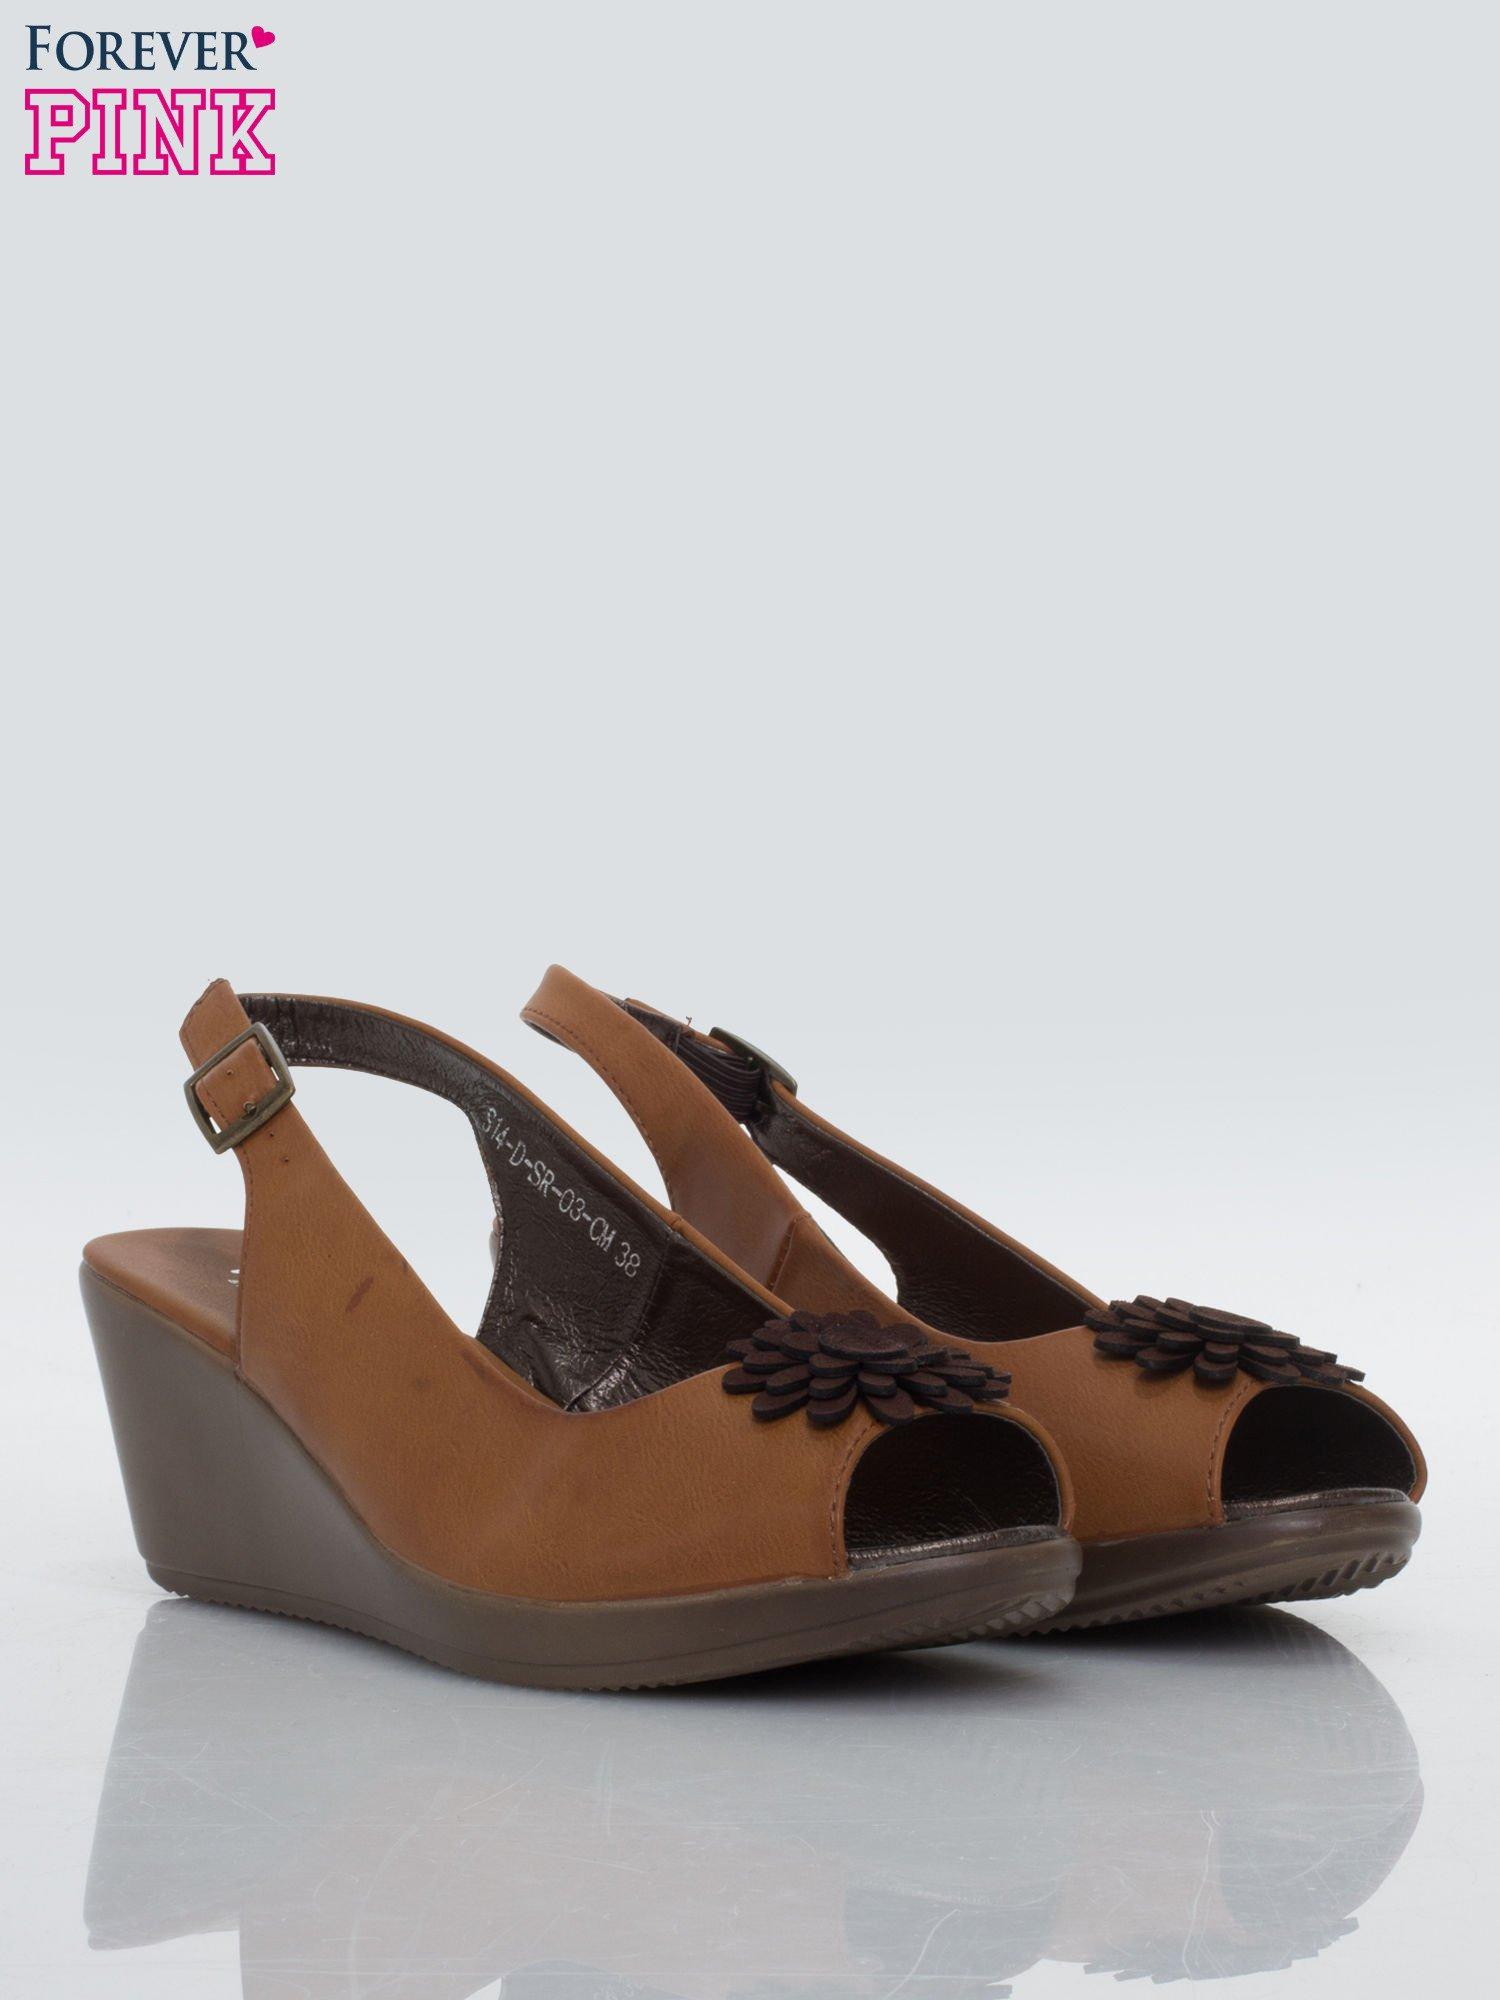 Karmelowe koturny faux leather open toe z odkrytą piętą i ozdobnym kwiatem                                  zdj.                                  2